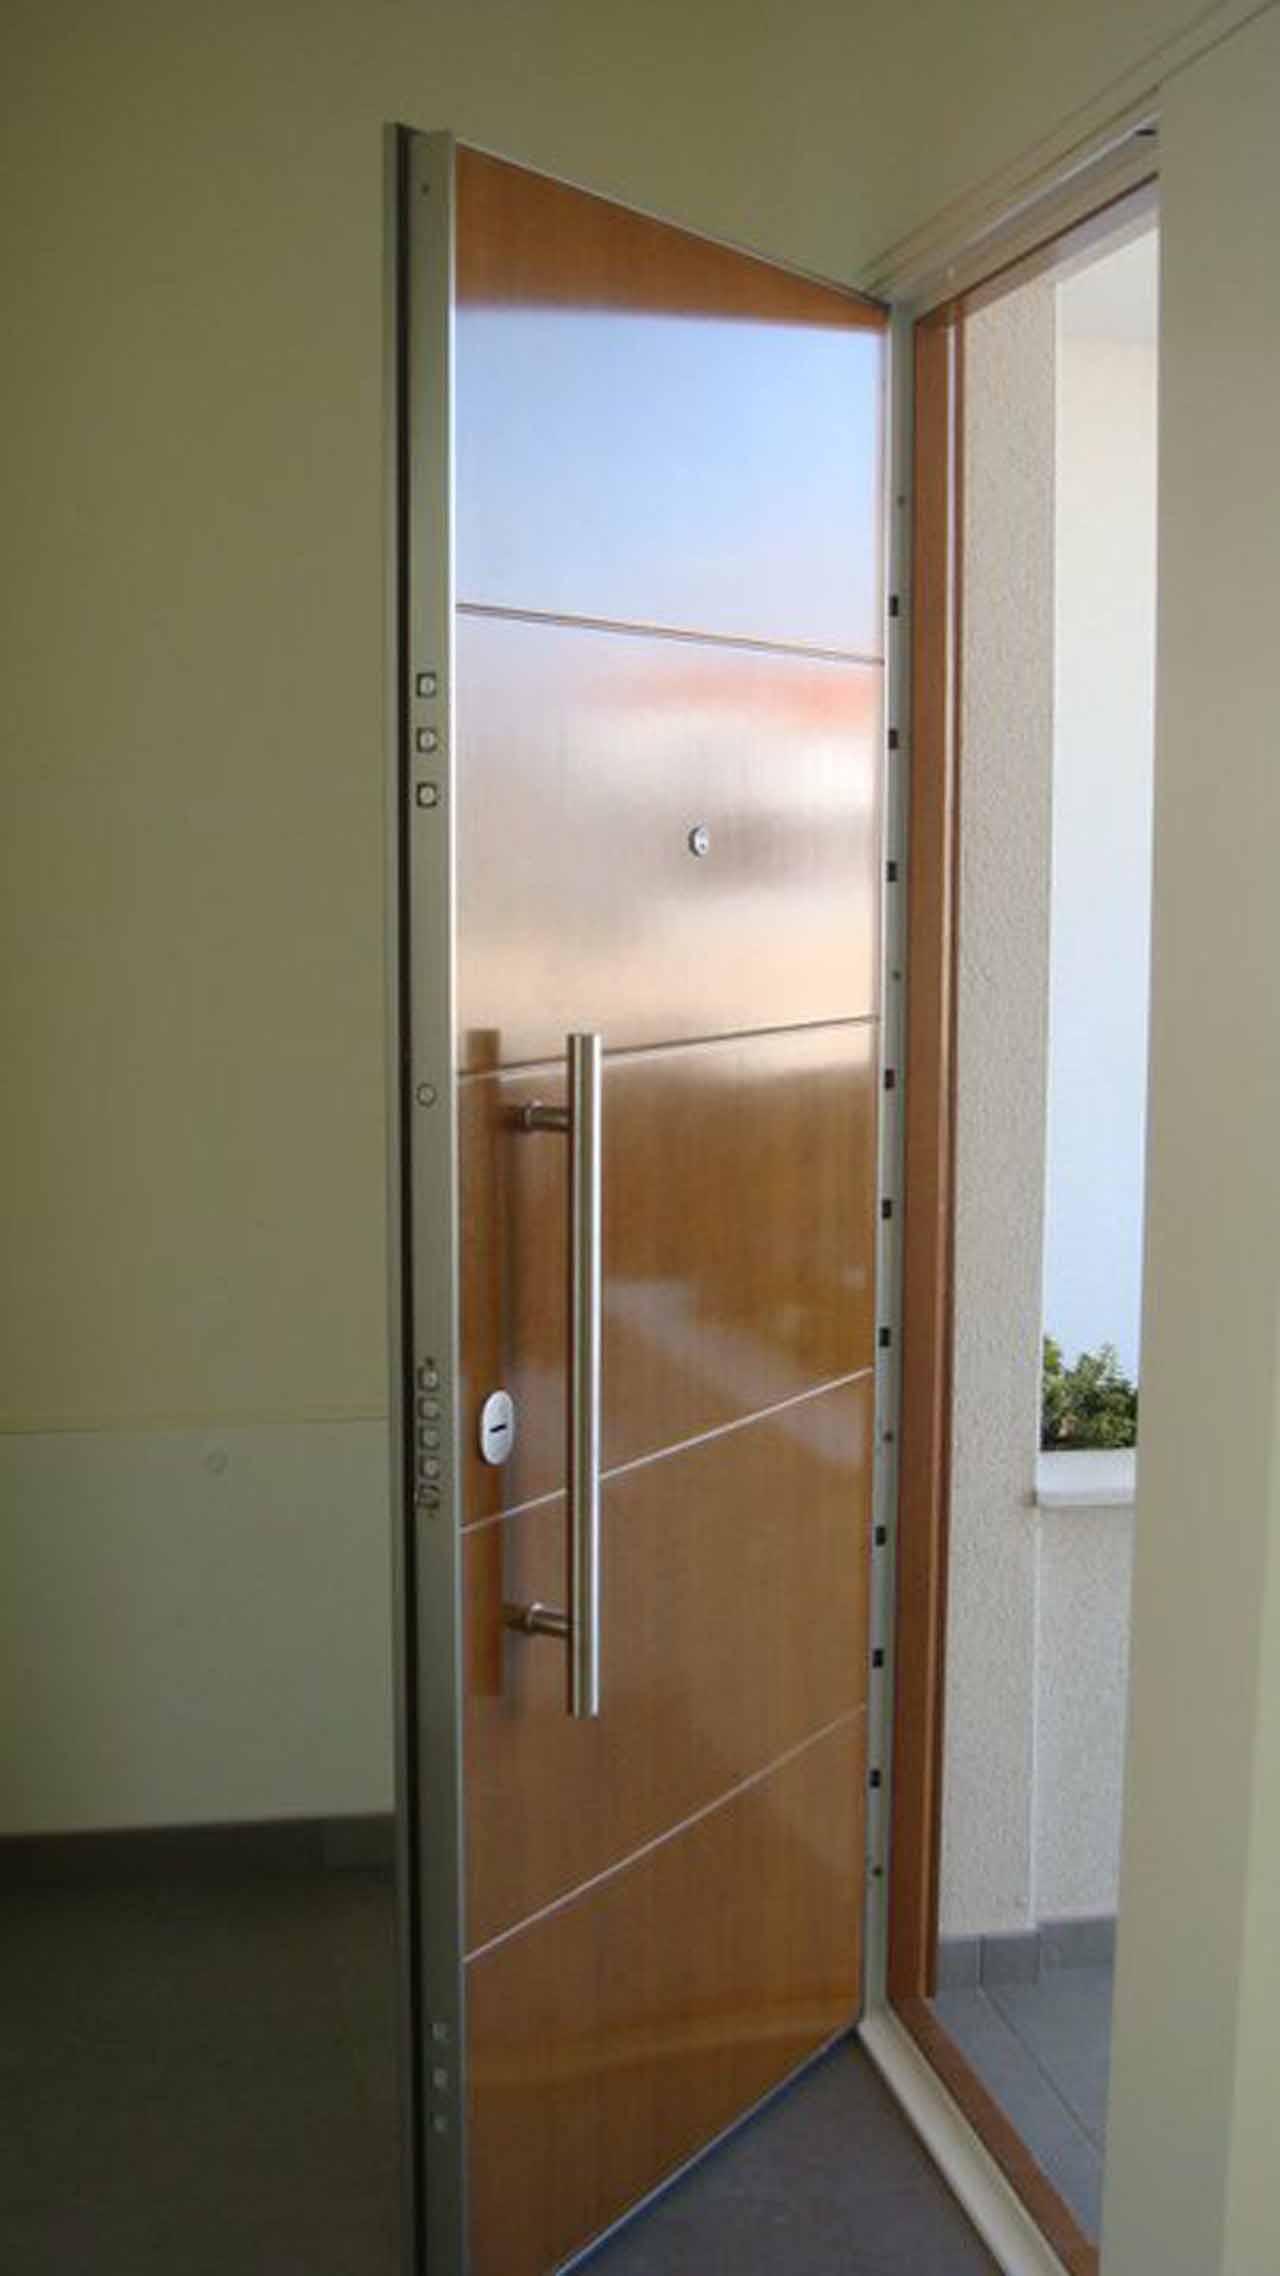 Cerrajeros en madrid 24 horas lois n cerrajeros for Puertas para oficinas precios